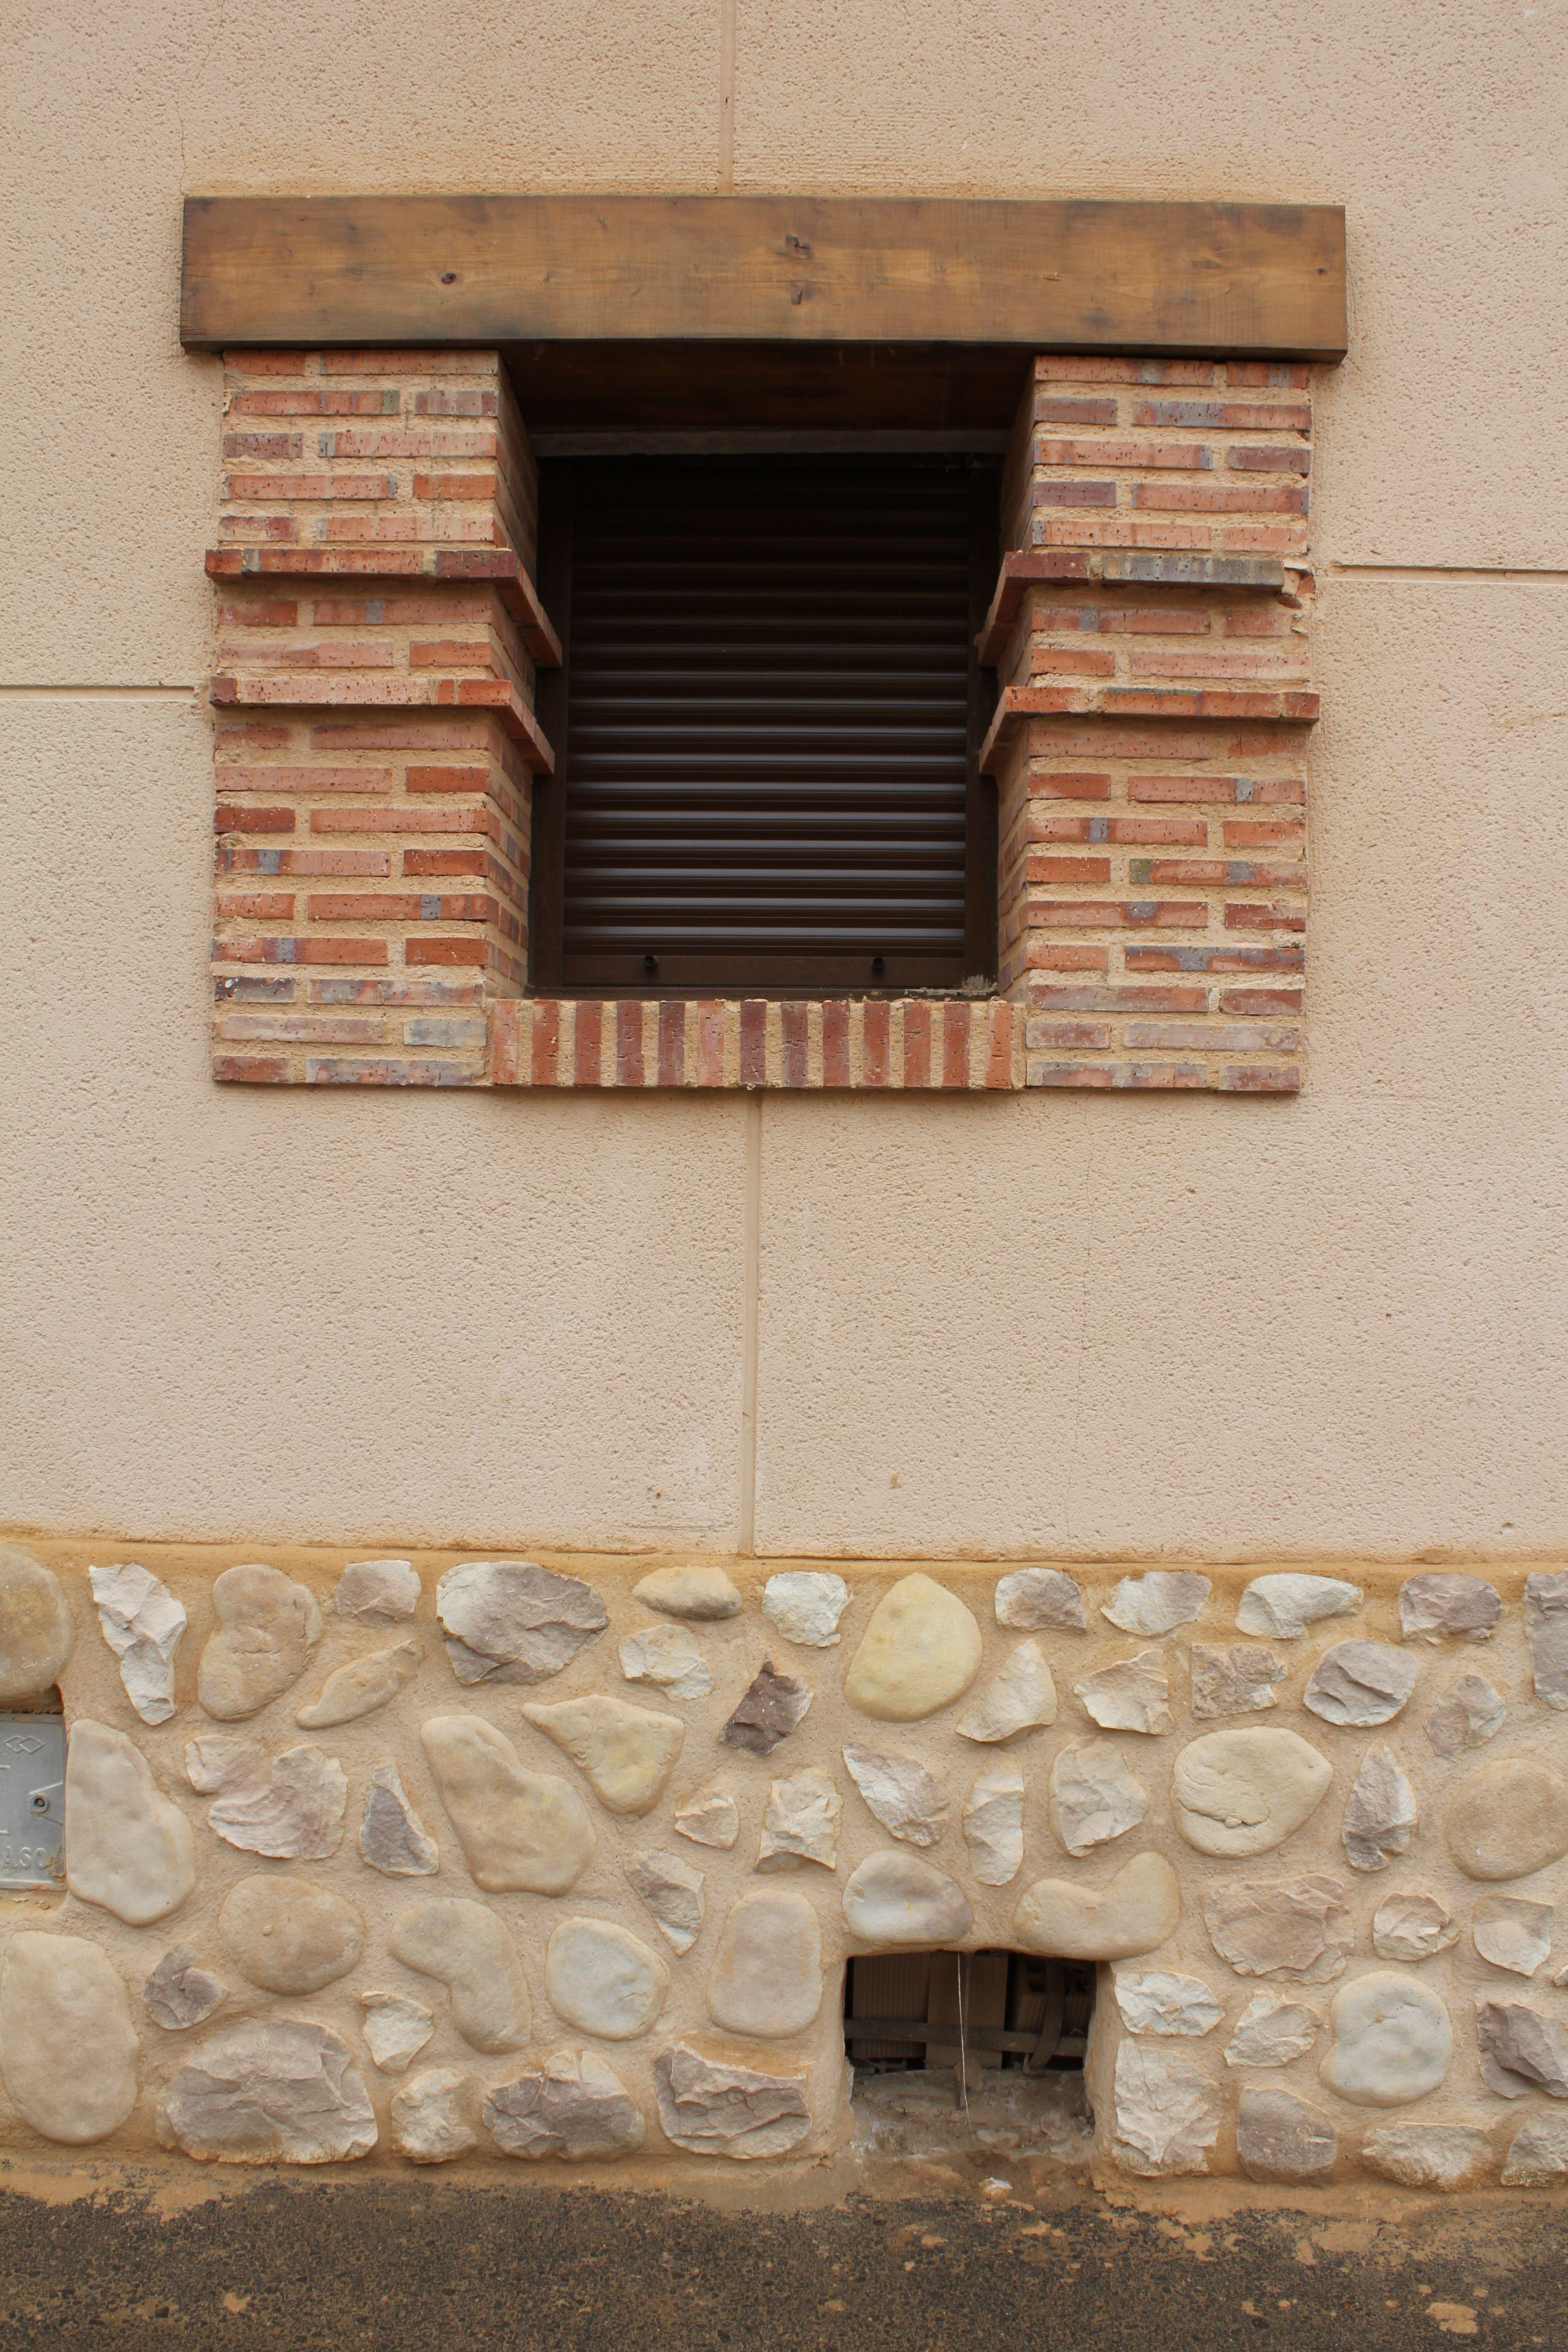 revestimiento jambas ventana con ladrillo mammatus puedes consultar nuestro catlogo de productos de piedra artificial - Piedra Artificial Decorativa